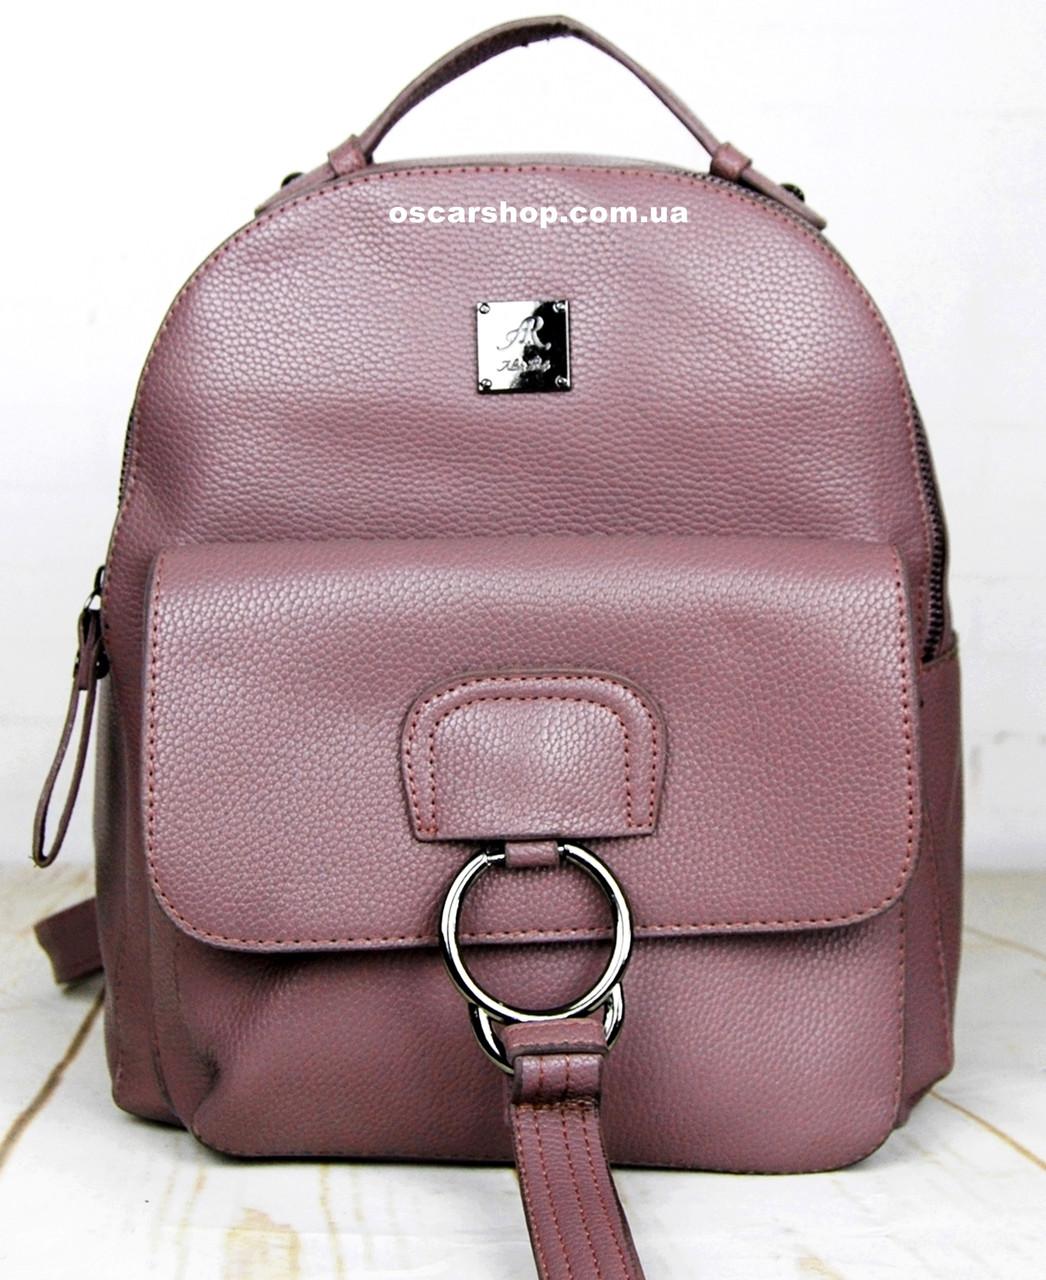 1654f8f73e79 Розовый портфель Алекс Рей. Размер 28*25*15. Женский кожаный рюкзак ...